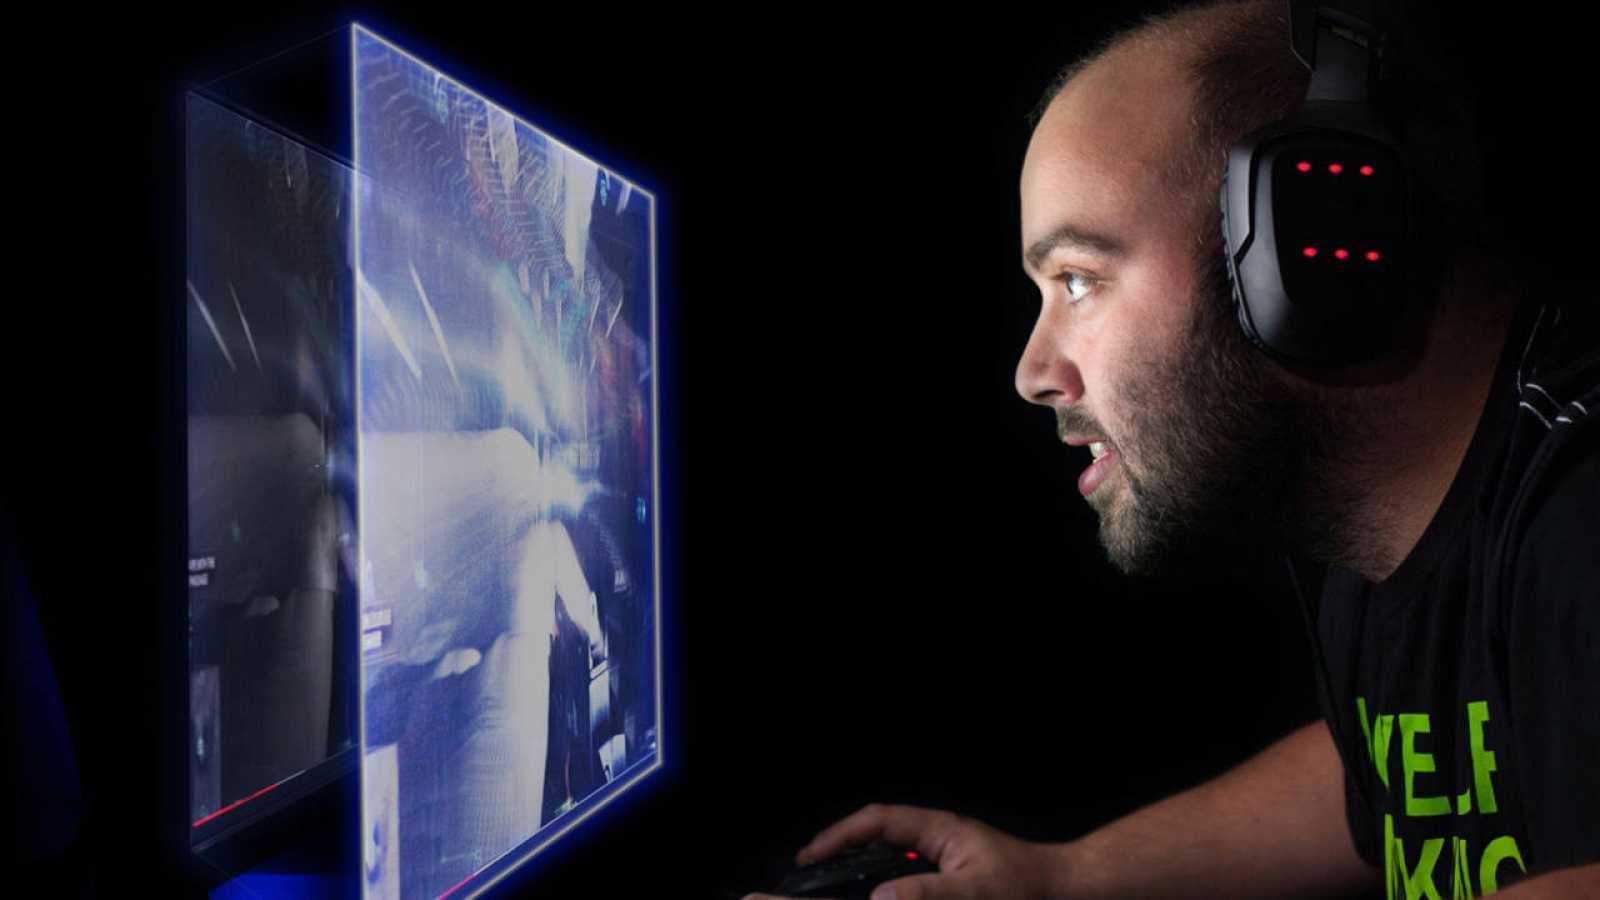 El mercado español cuenta con 14 millones de videojugadores.